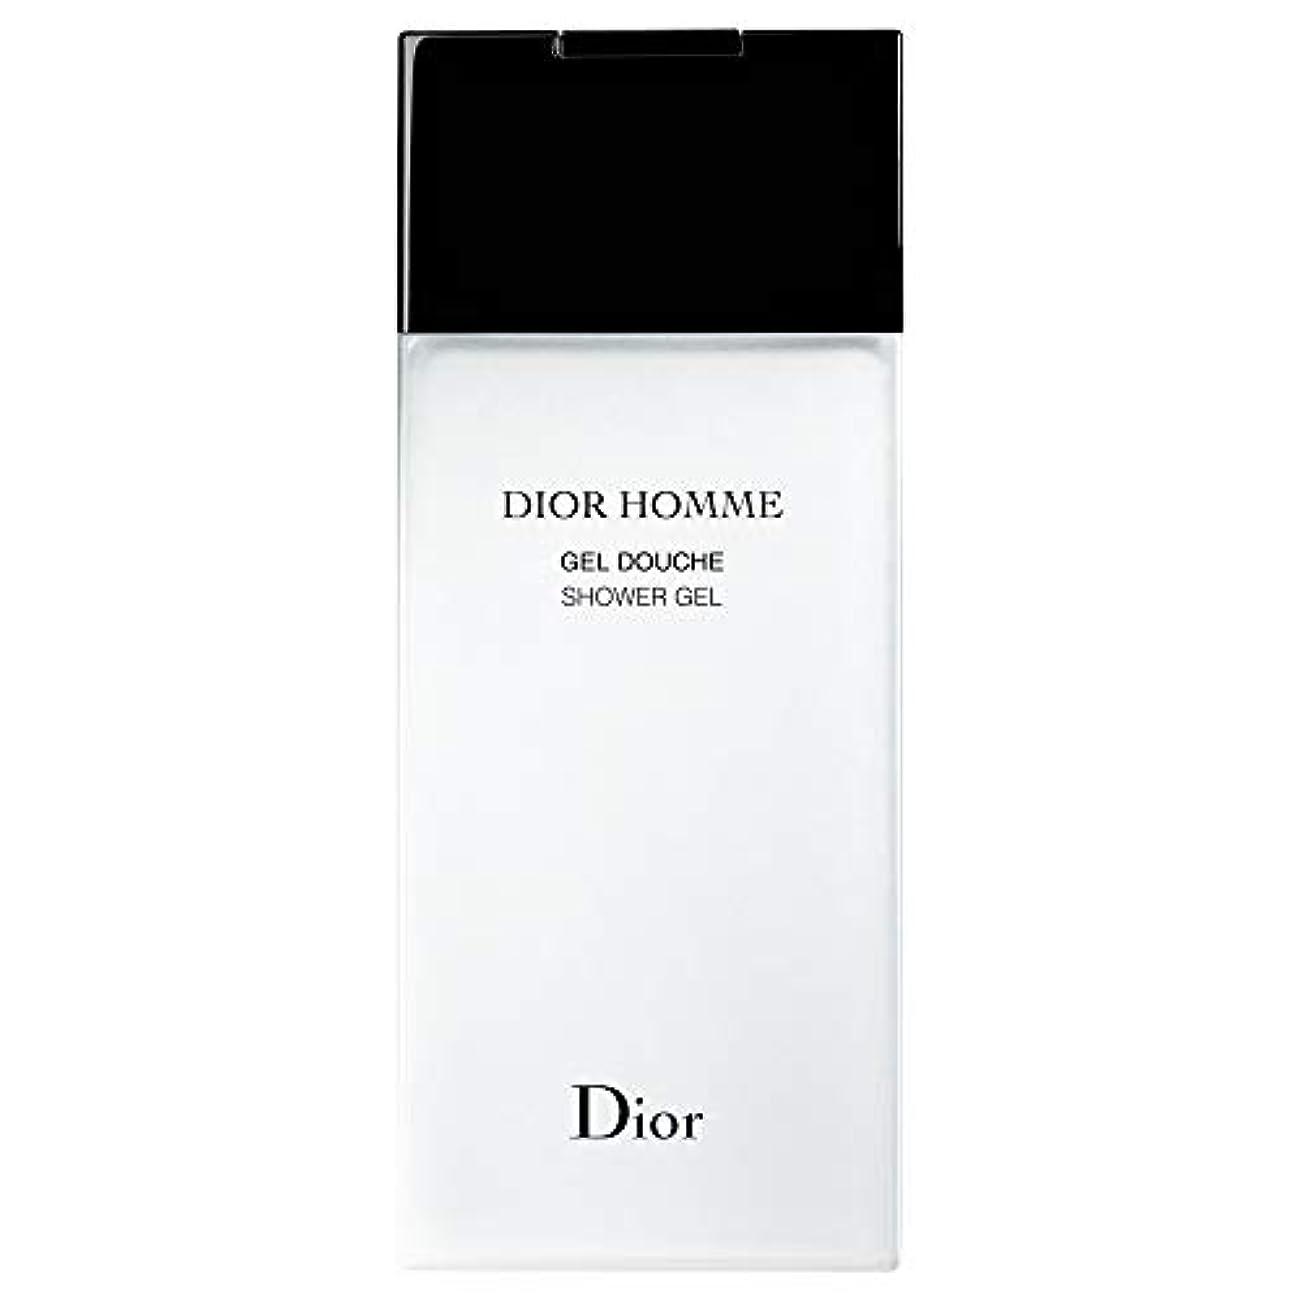 幾分歌う一次[Dior] ディオールオムシャワージェル200Ml - Dior Homme Shower Gel 200ml [並行輸入品]